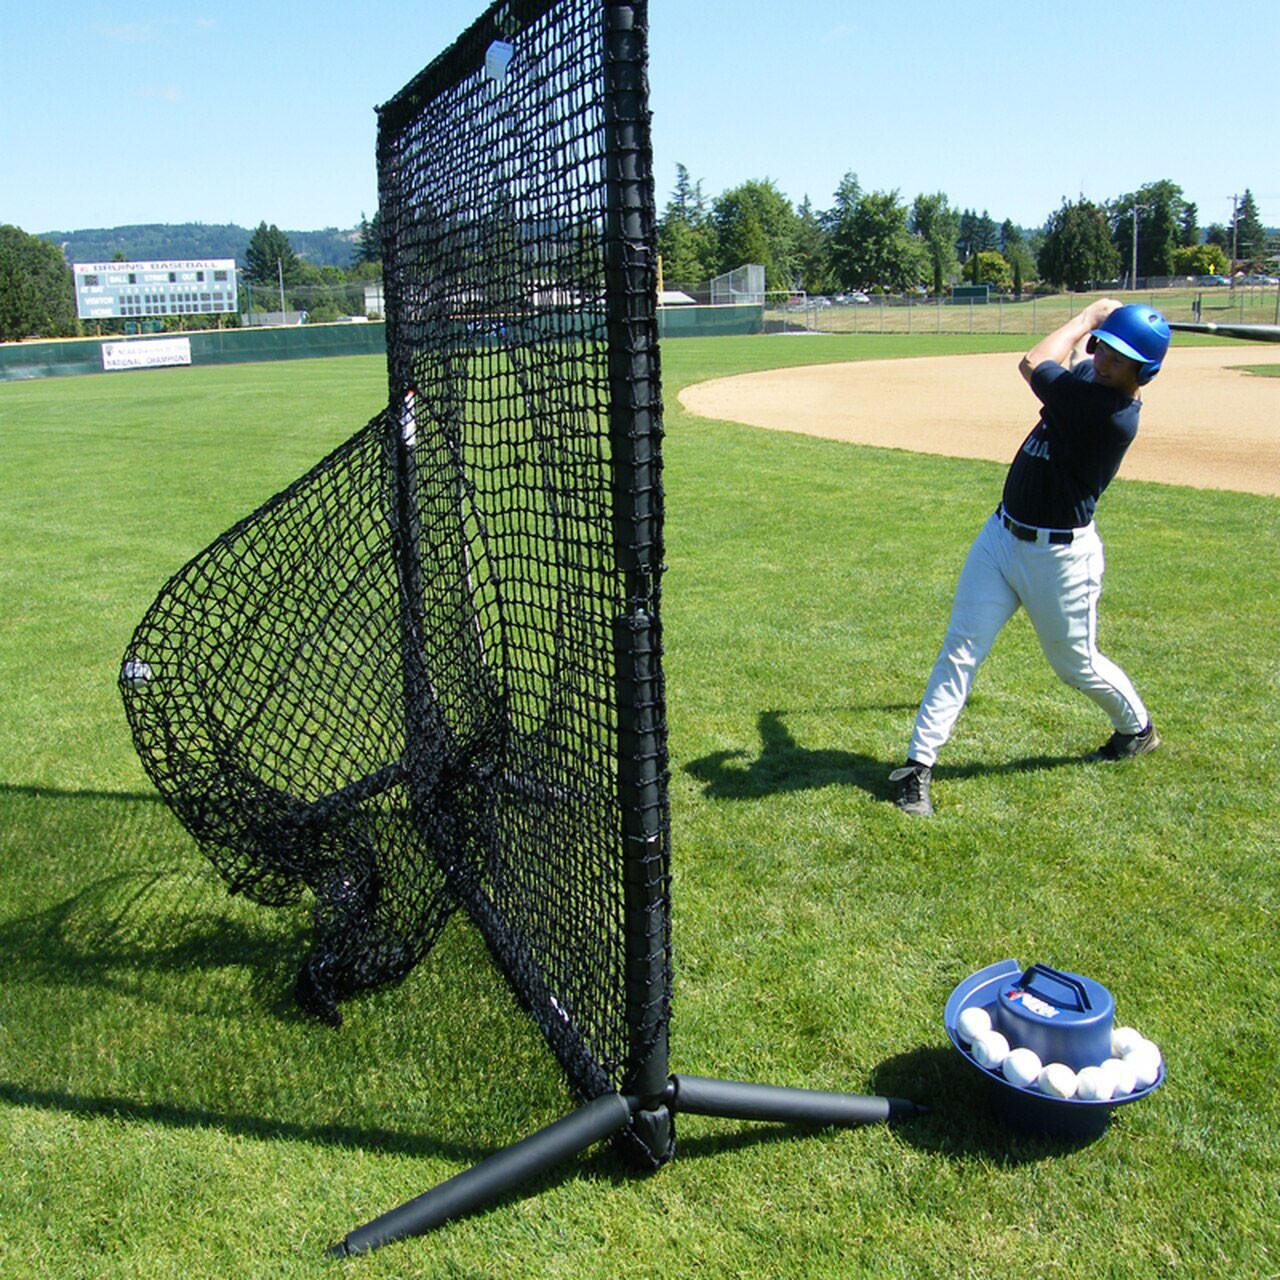 best baseball soft toss machine